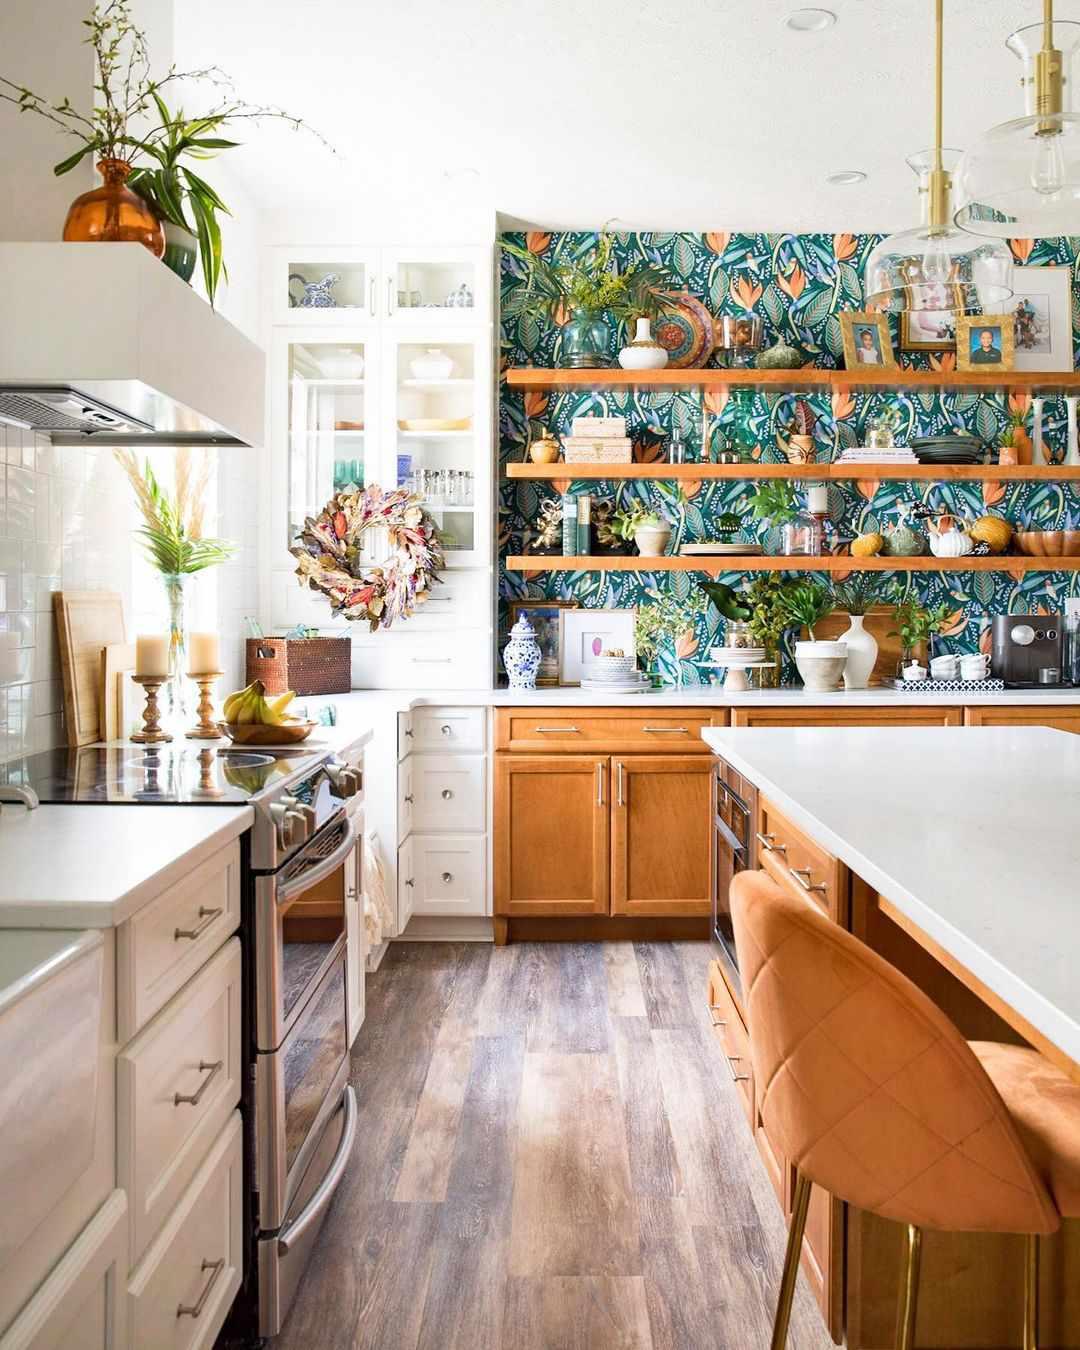 Wallpaper in kitchen